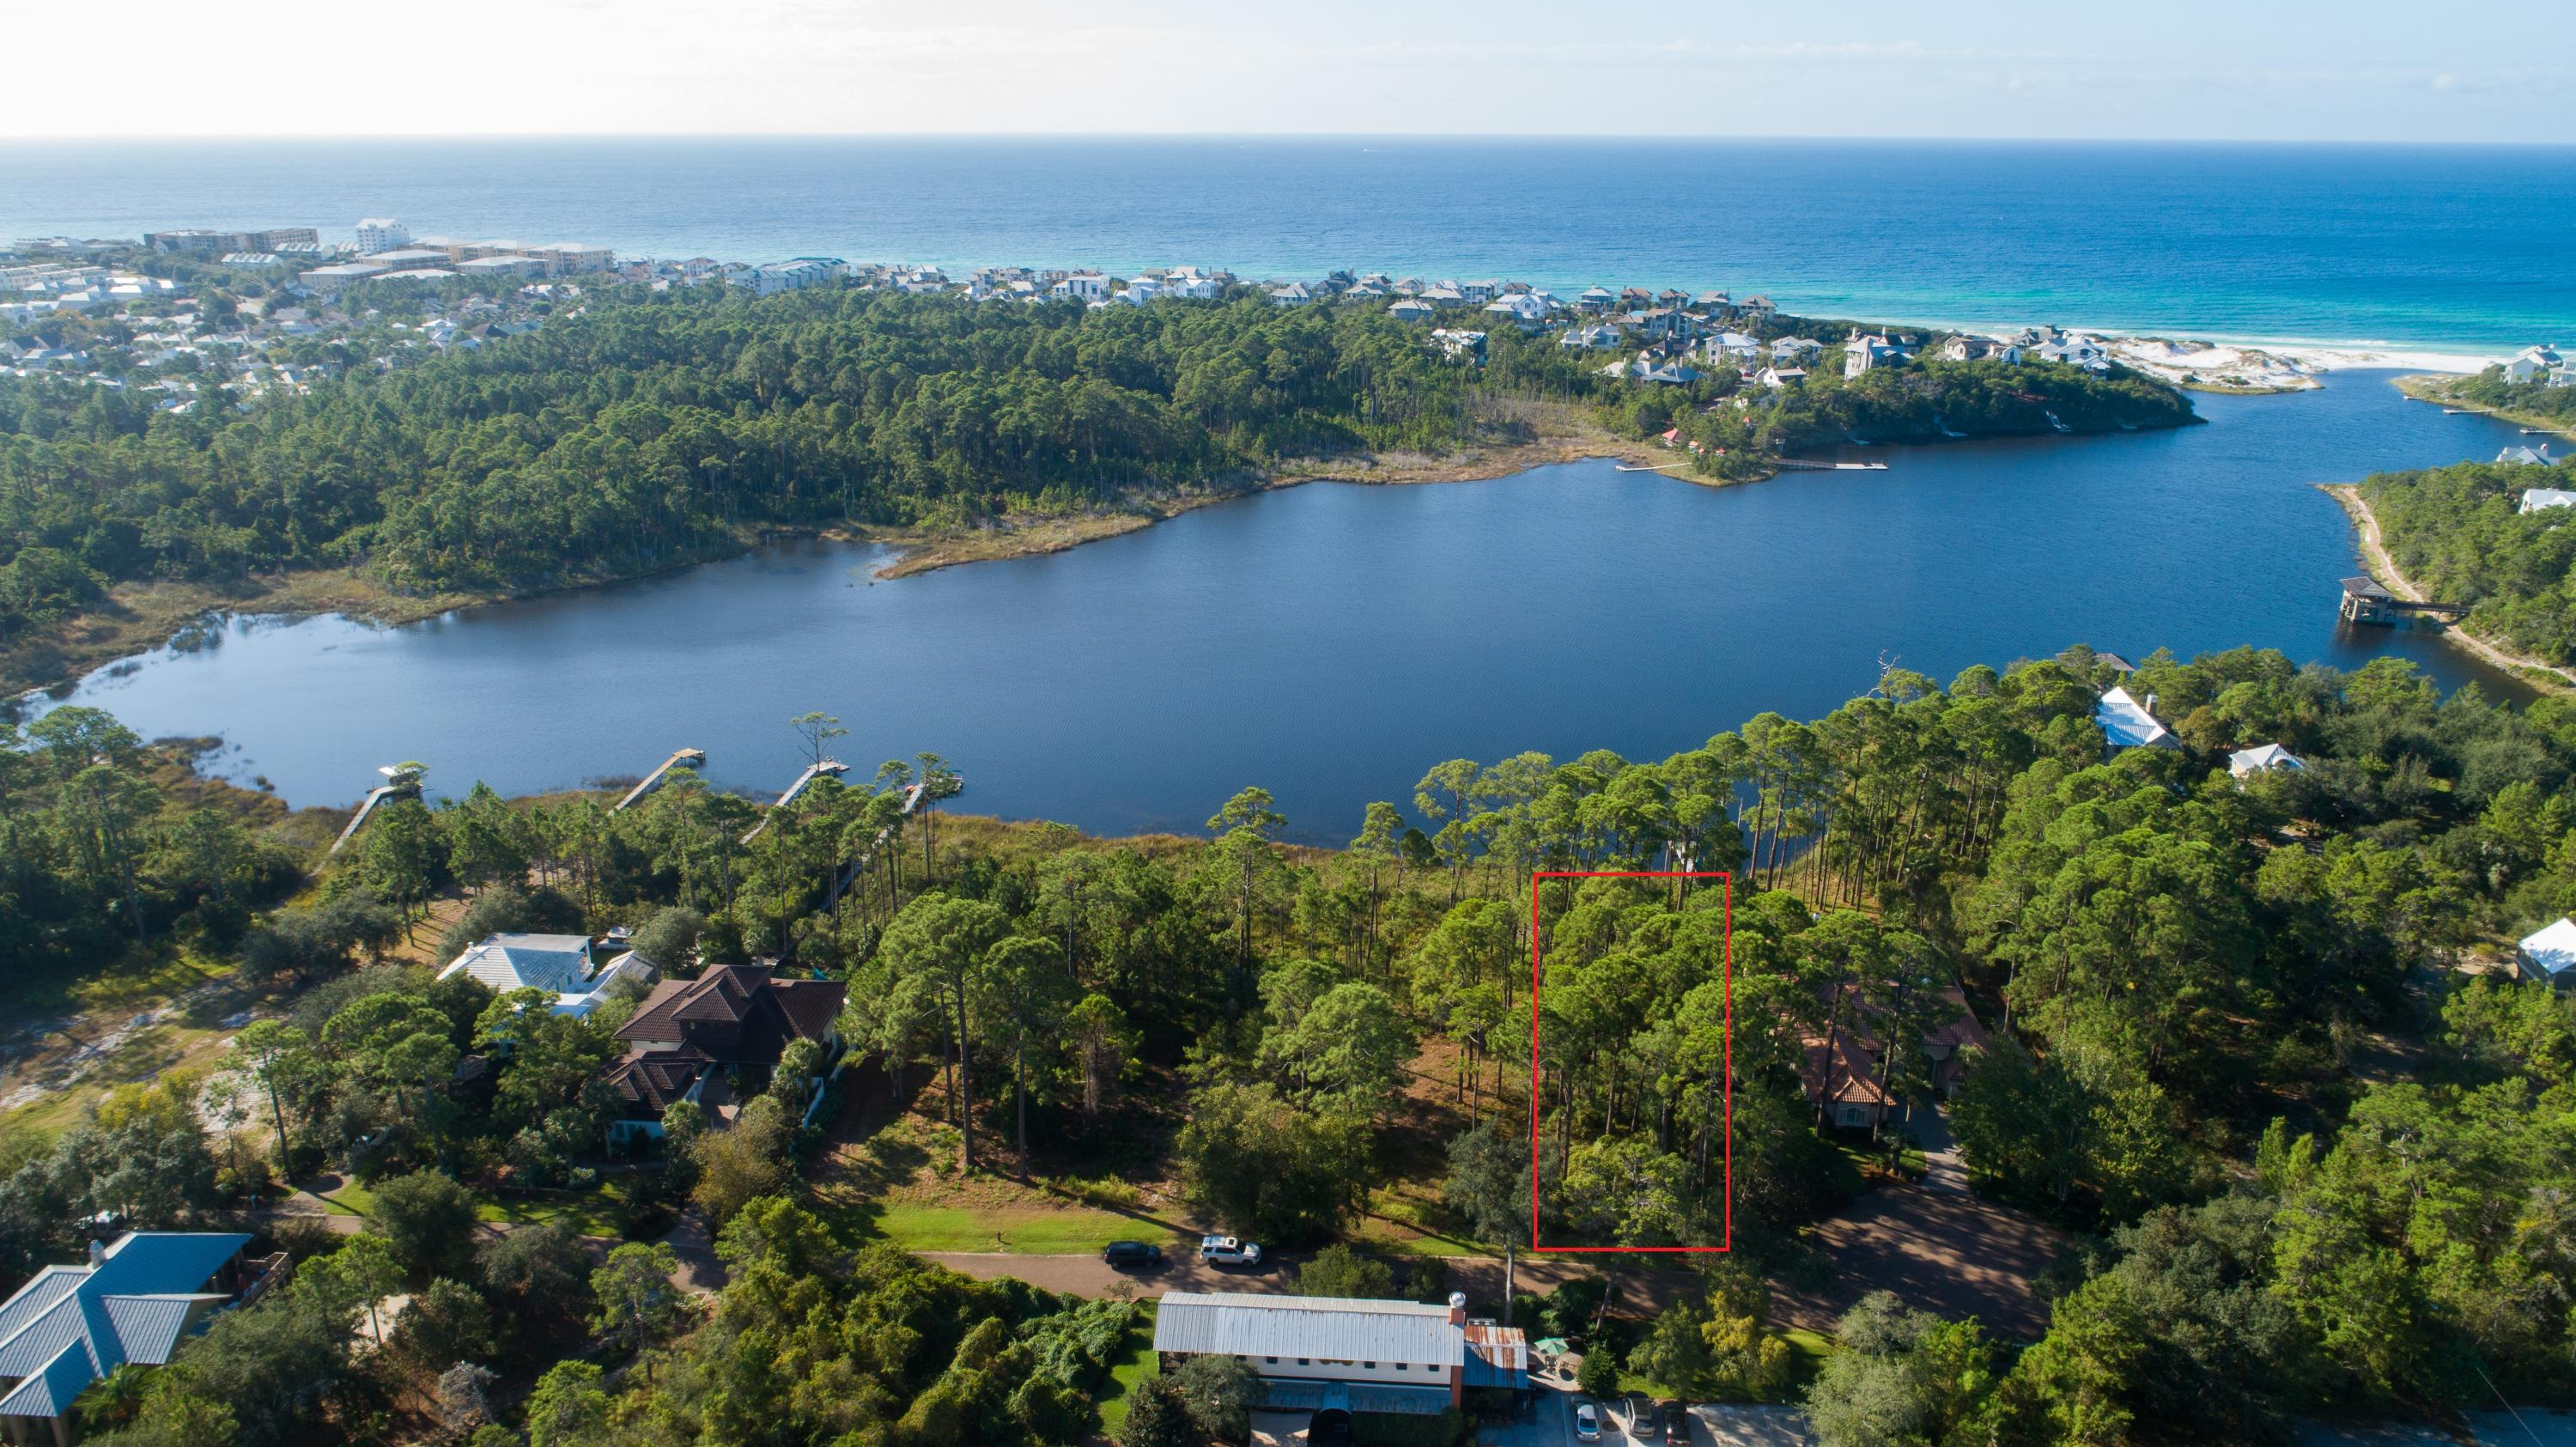 Santa Rosa Beach, FL Real Estate Property - MLS#832787